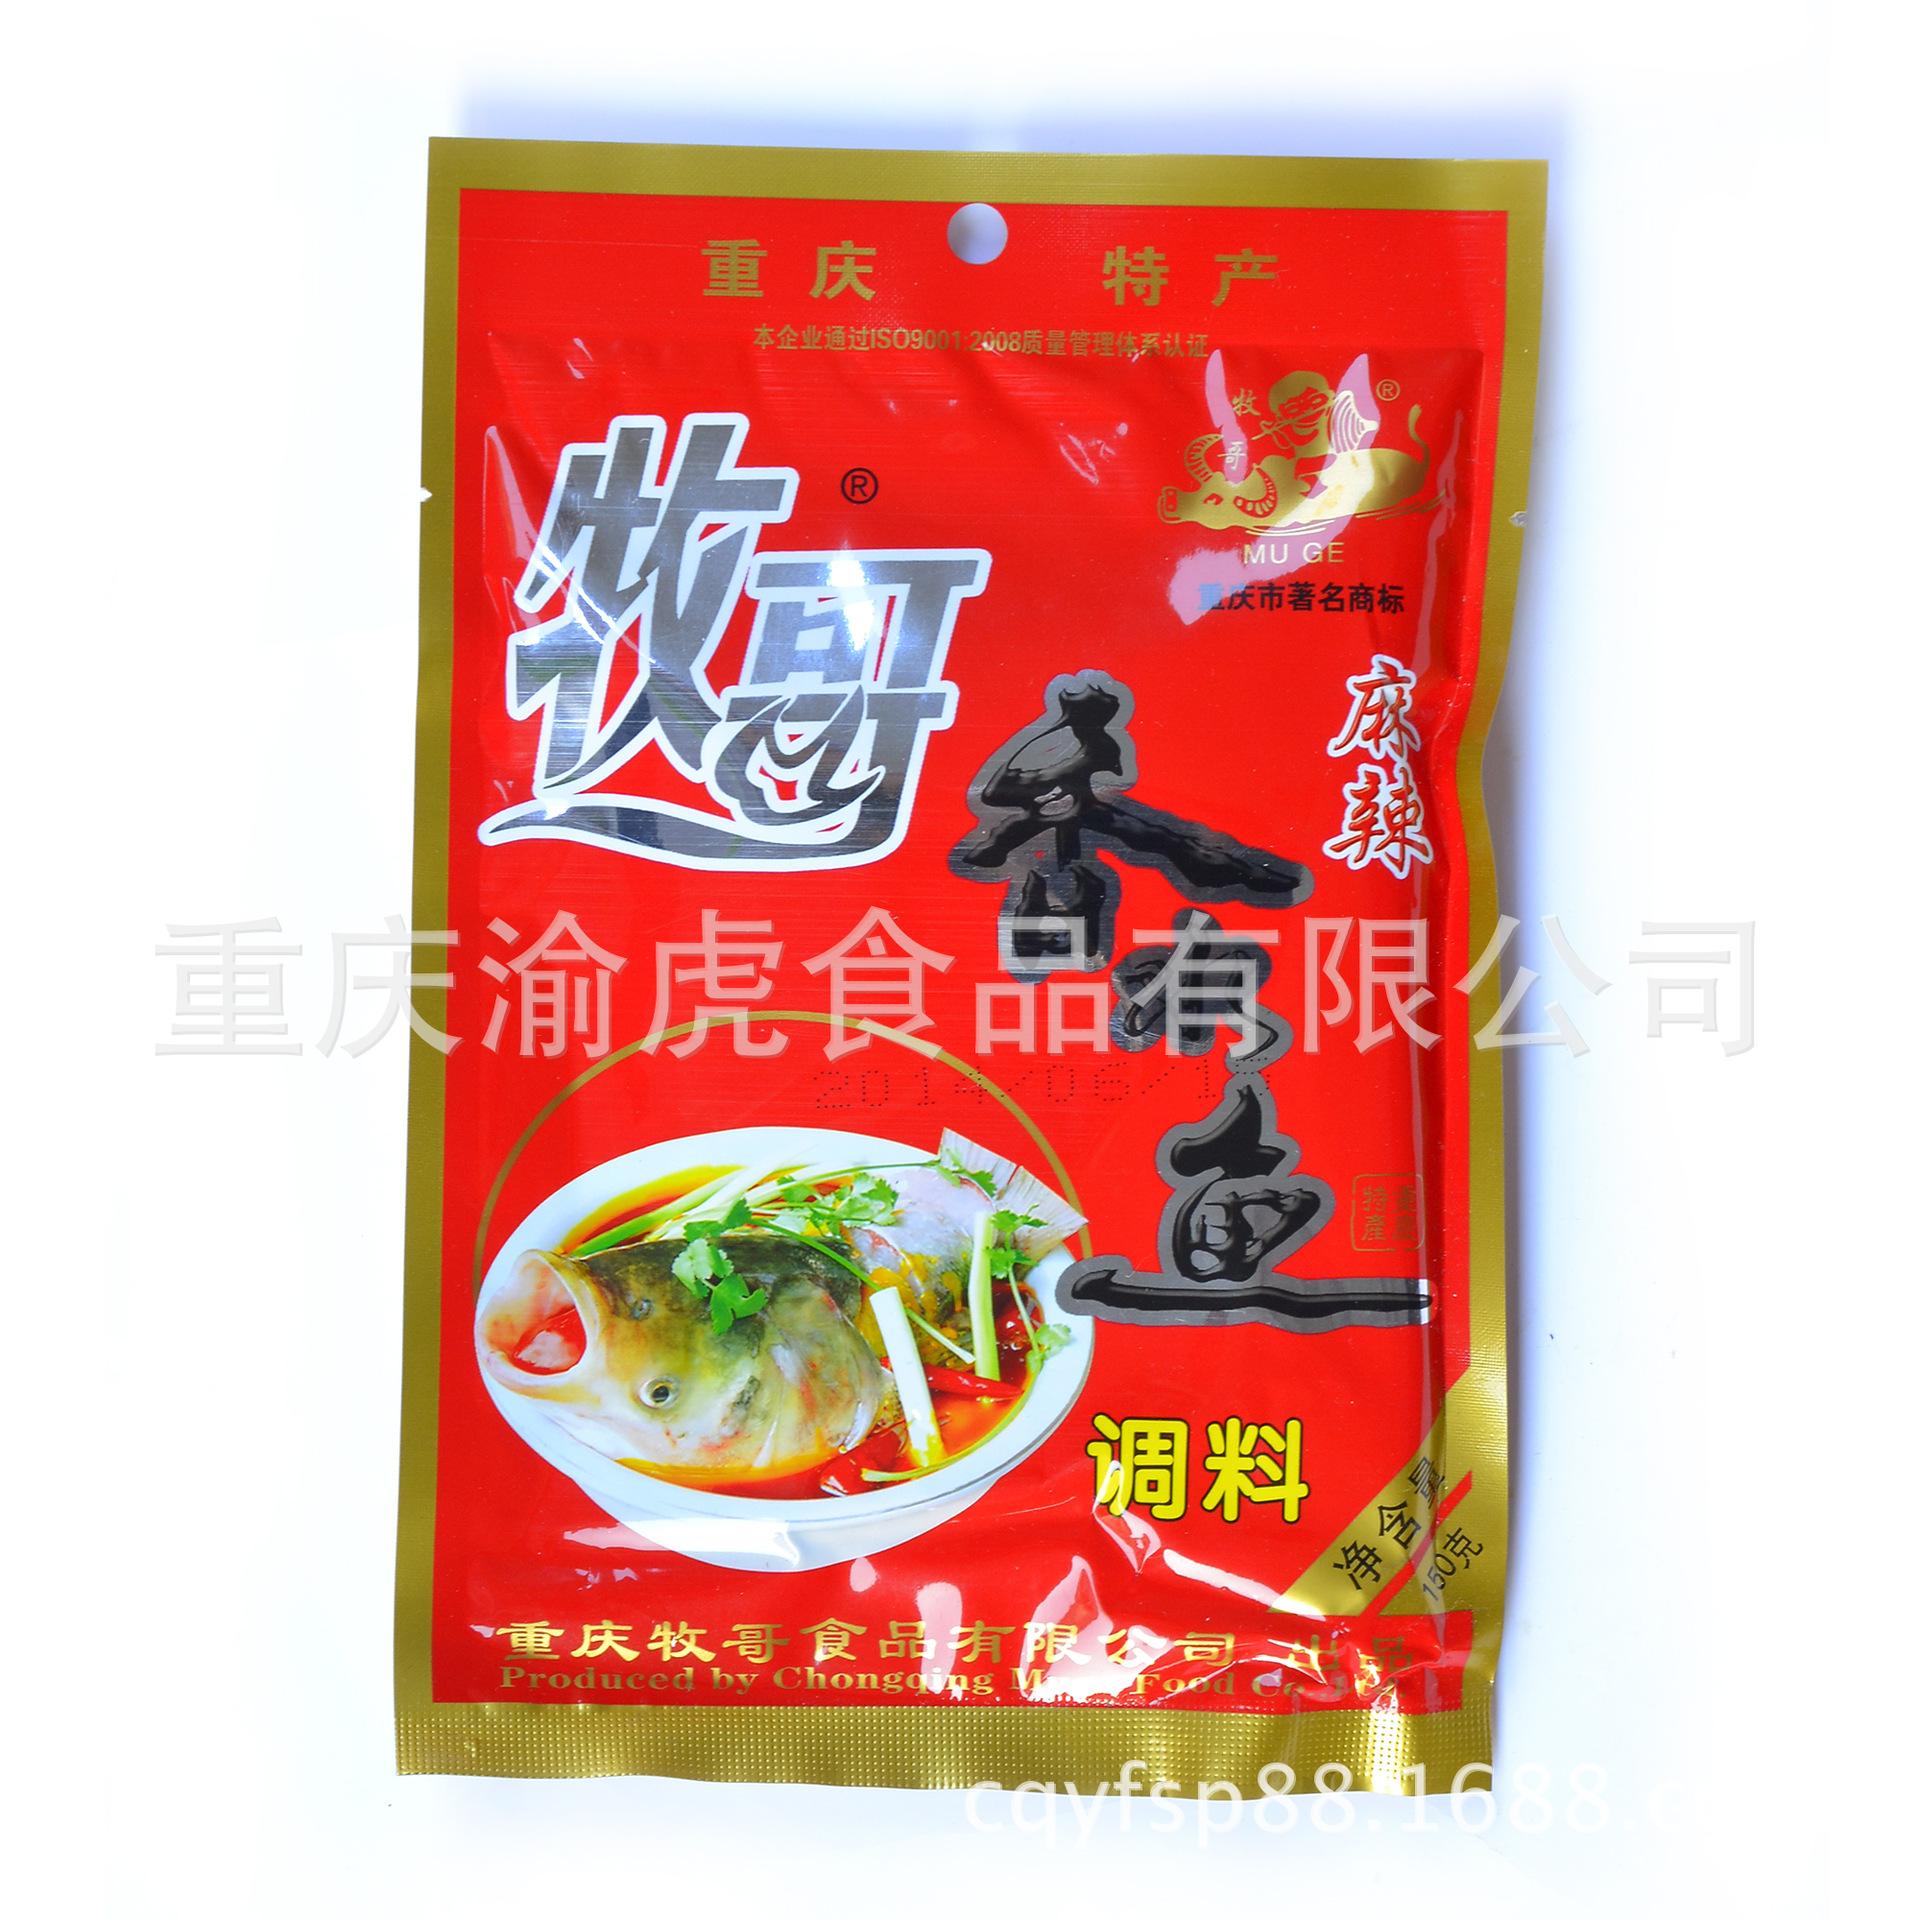 批发销售,正品牧哥麻辣香水鱼调料包150g,水煮鱼调料